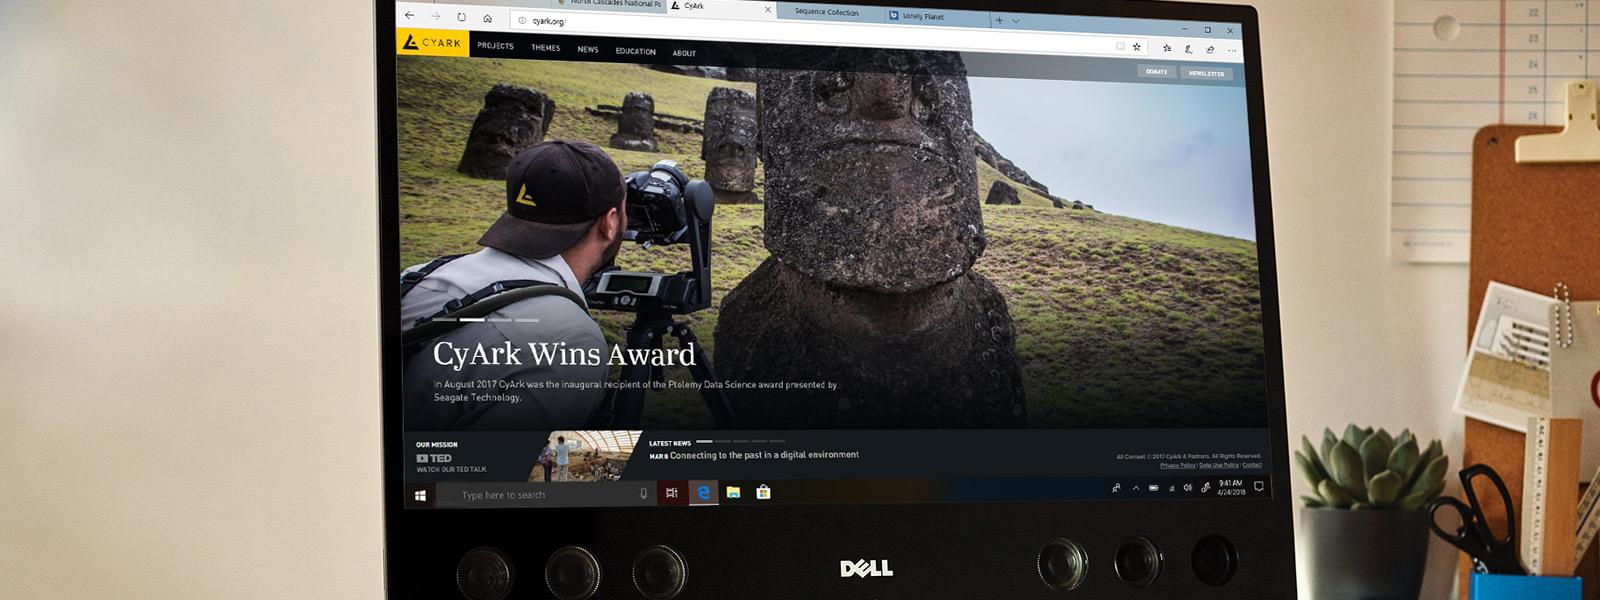 Monitor de computer pe un birou, care prezintă browserul Microsoft Edge ce afișează un clip video 4K Ultra HD